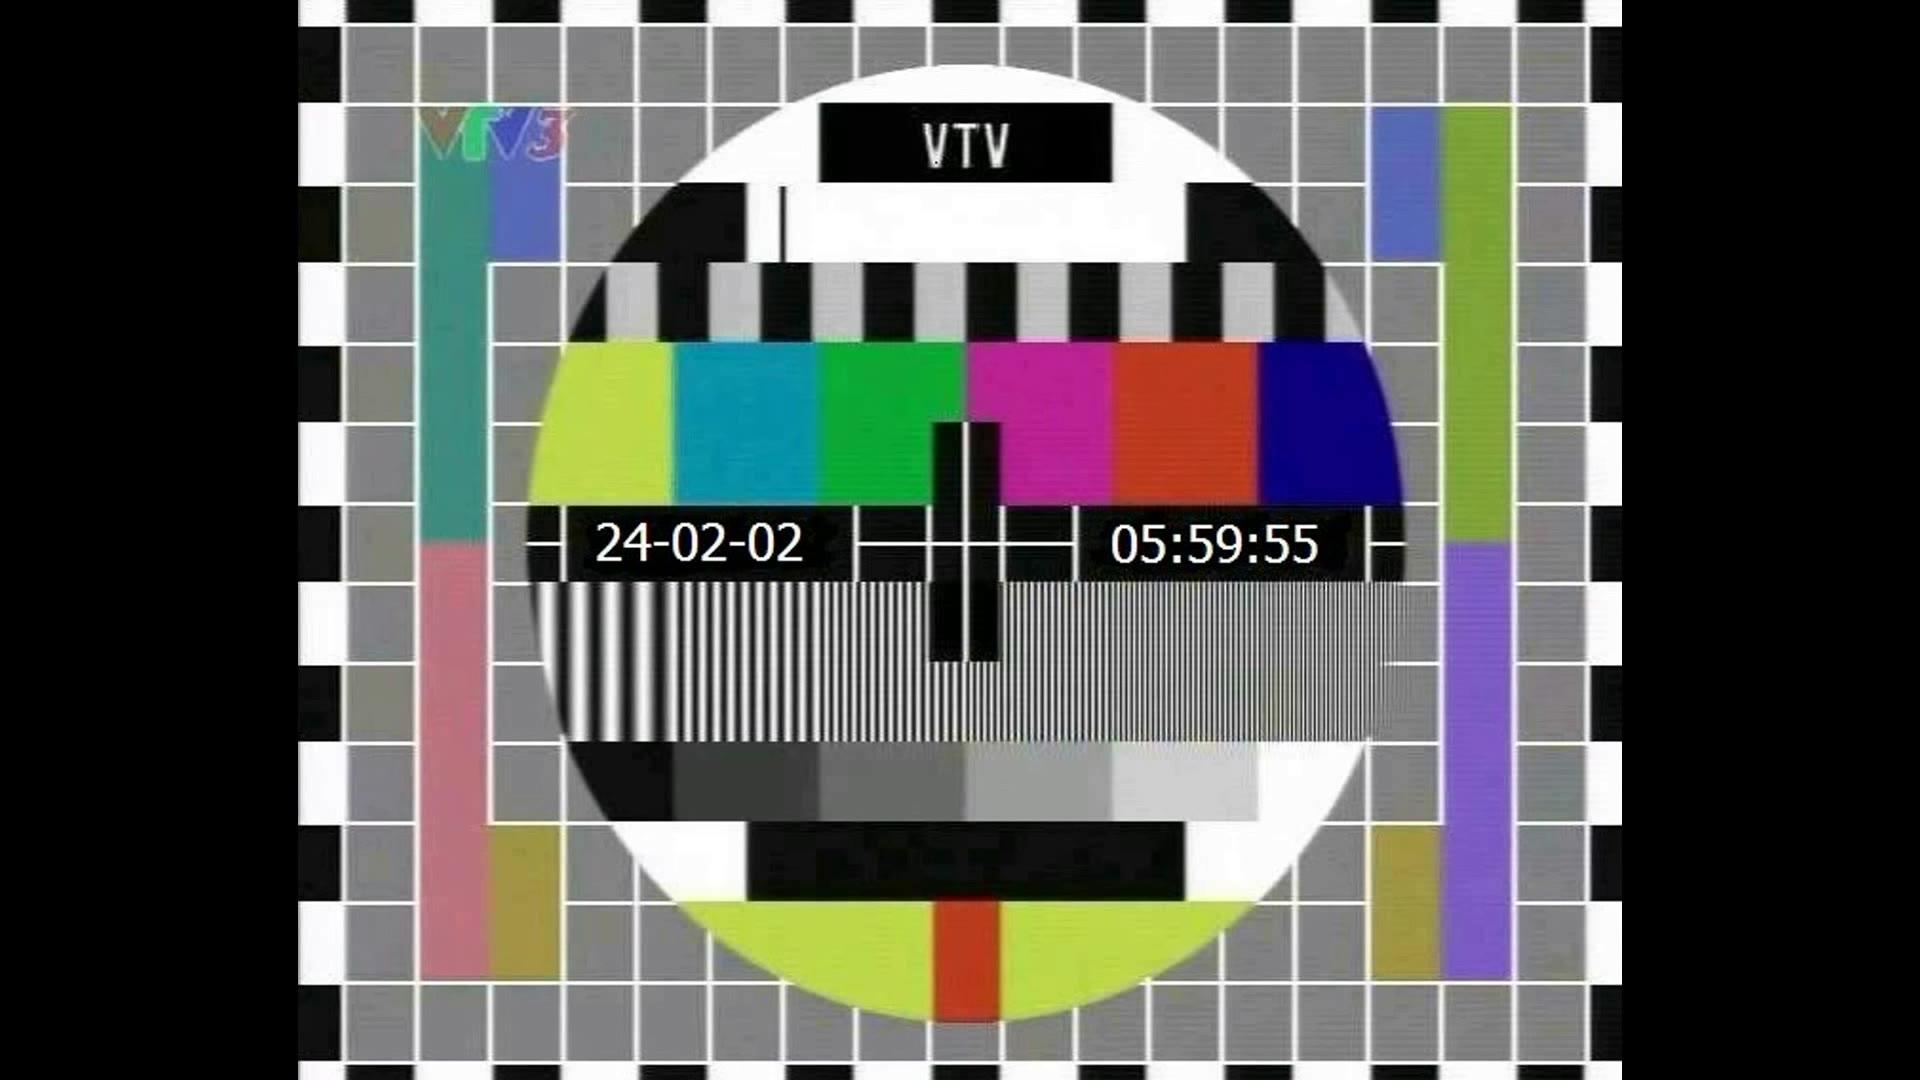 【越南电视/放送文化】越南电视台VTV3开台(2004.02/06)